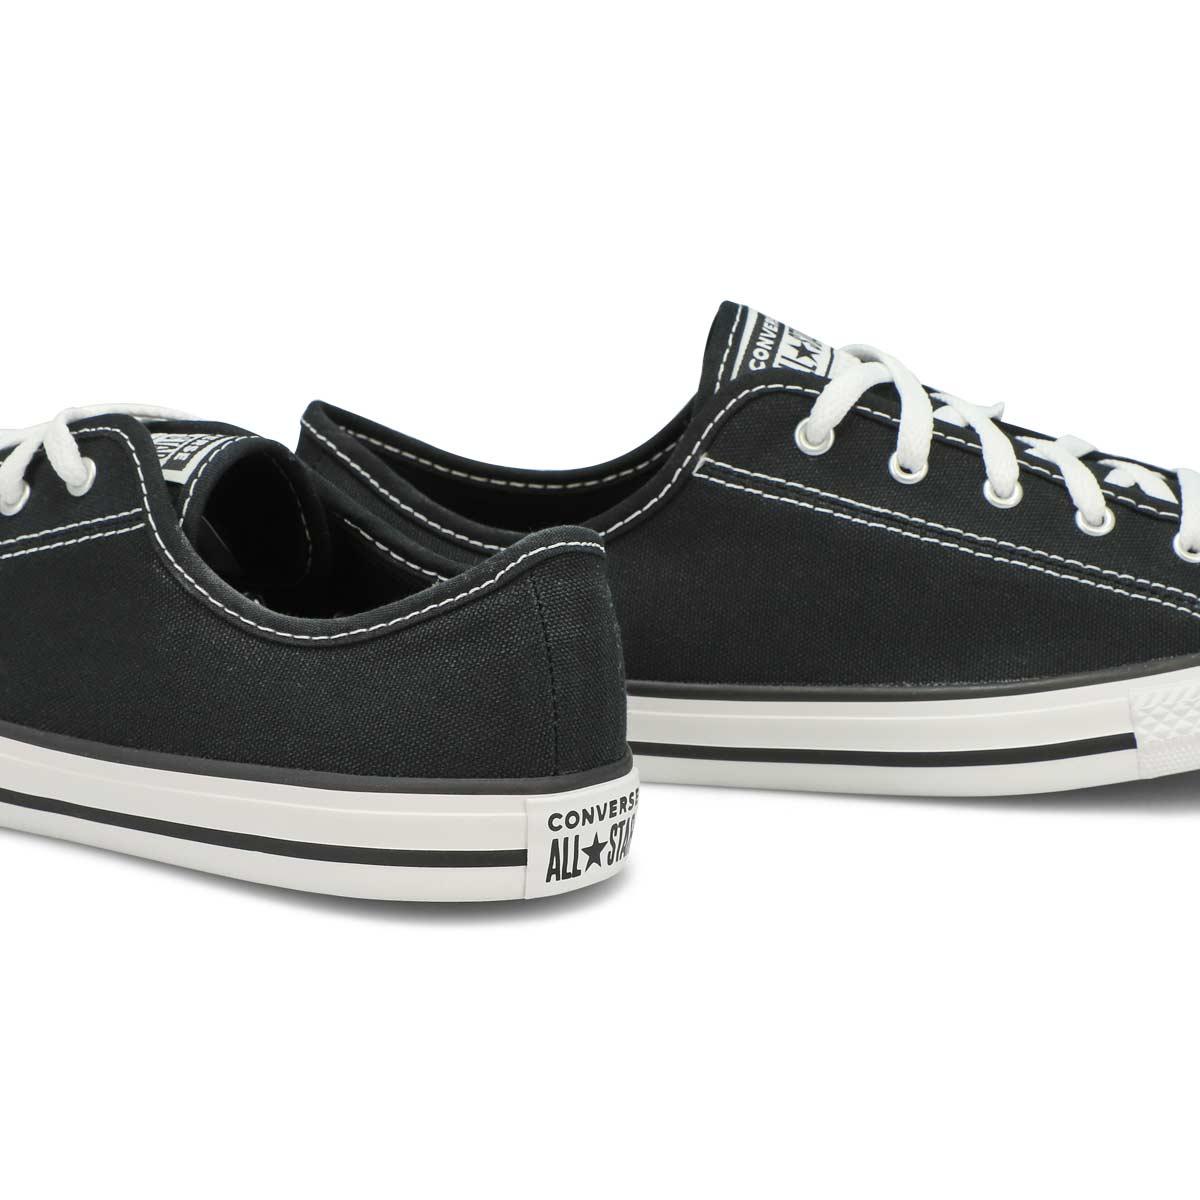 Women's All Star Dainty Basic Sneaker -Black